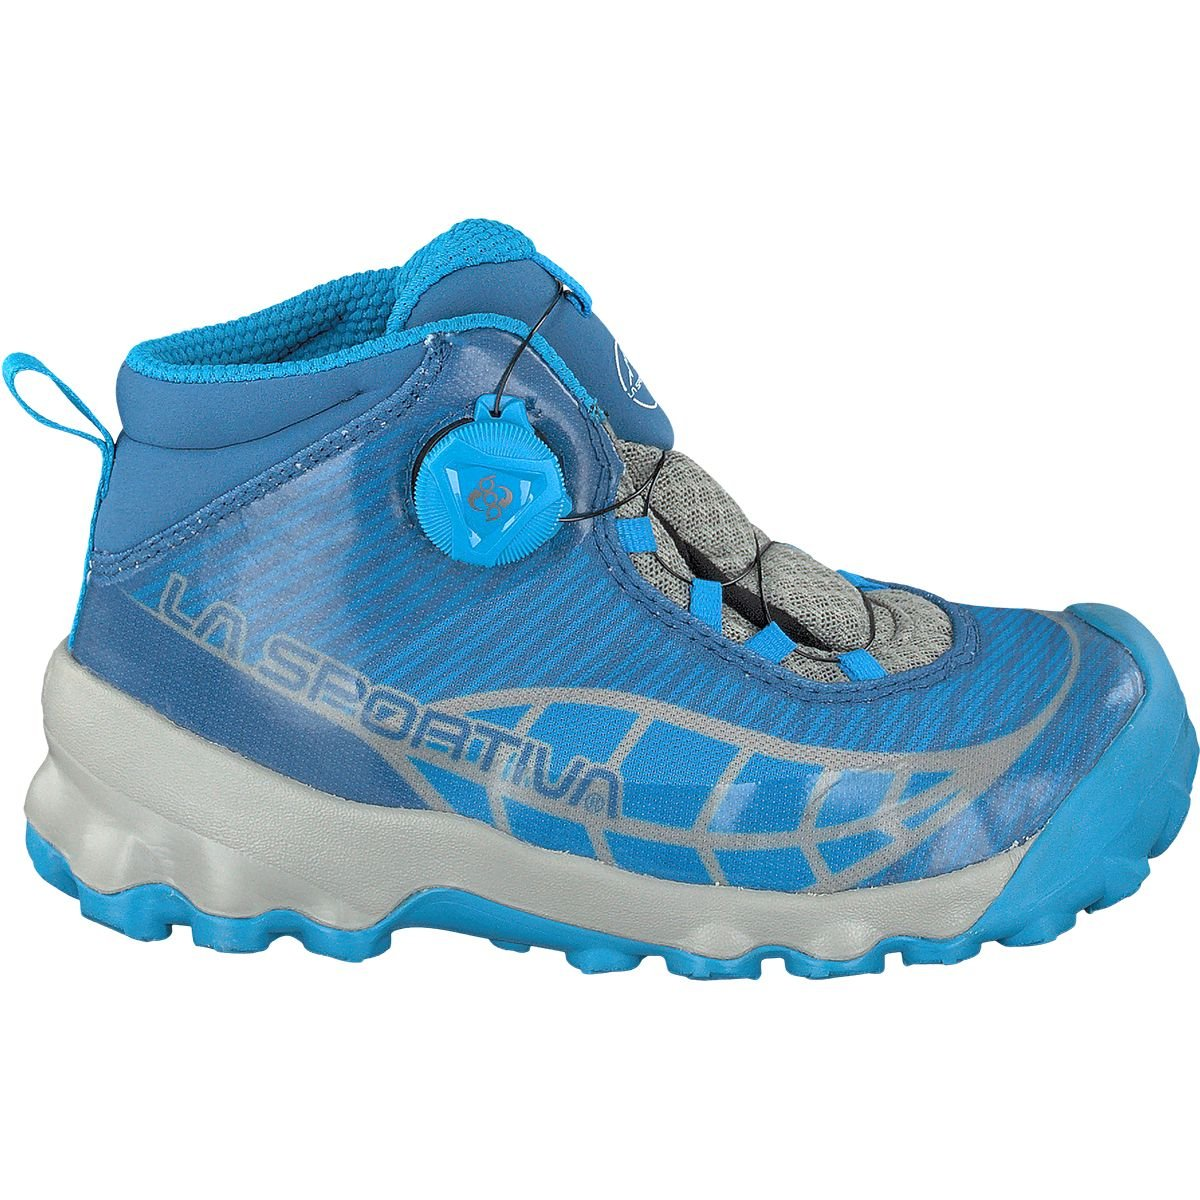 La Sportiva Unisex-Kinder Scout Blau Trekking-& Wanderstiefel